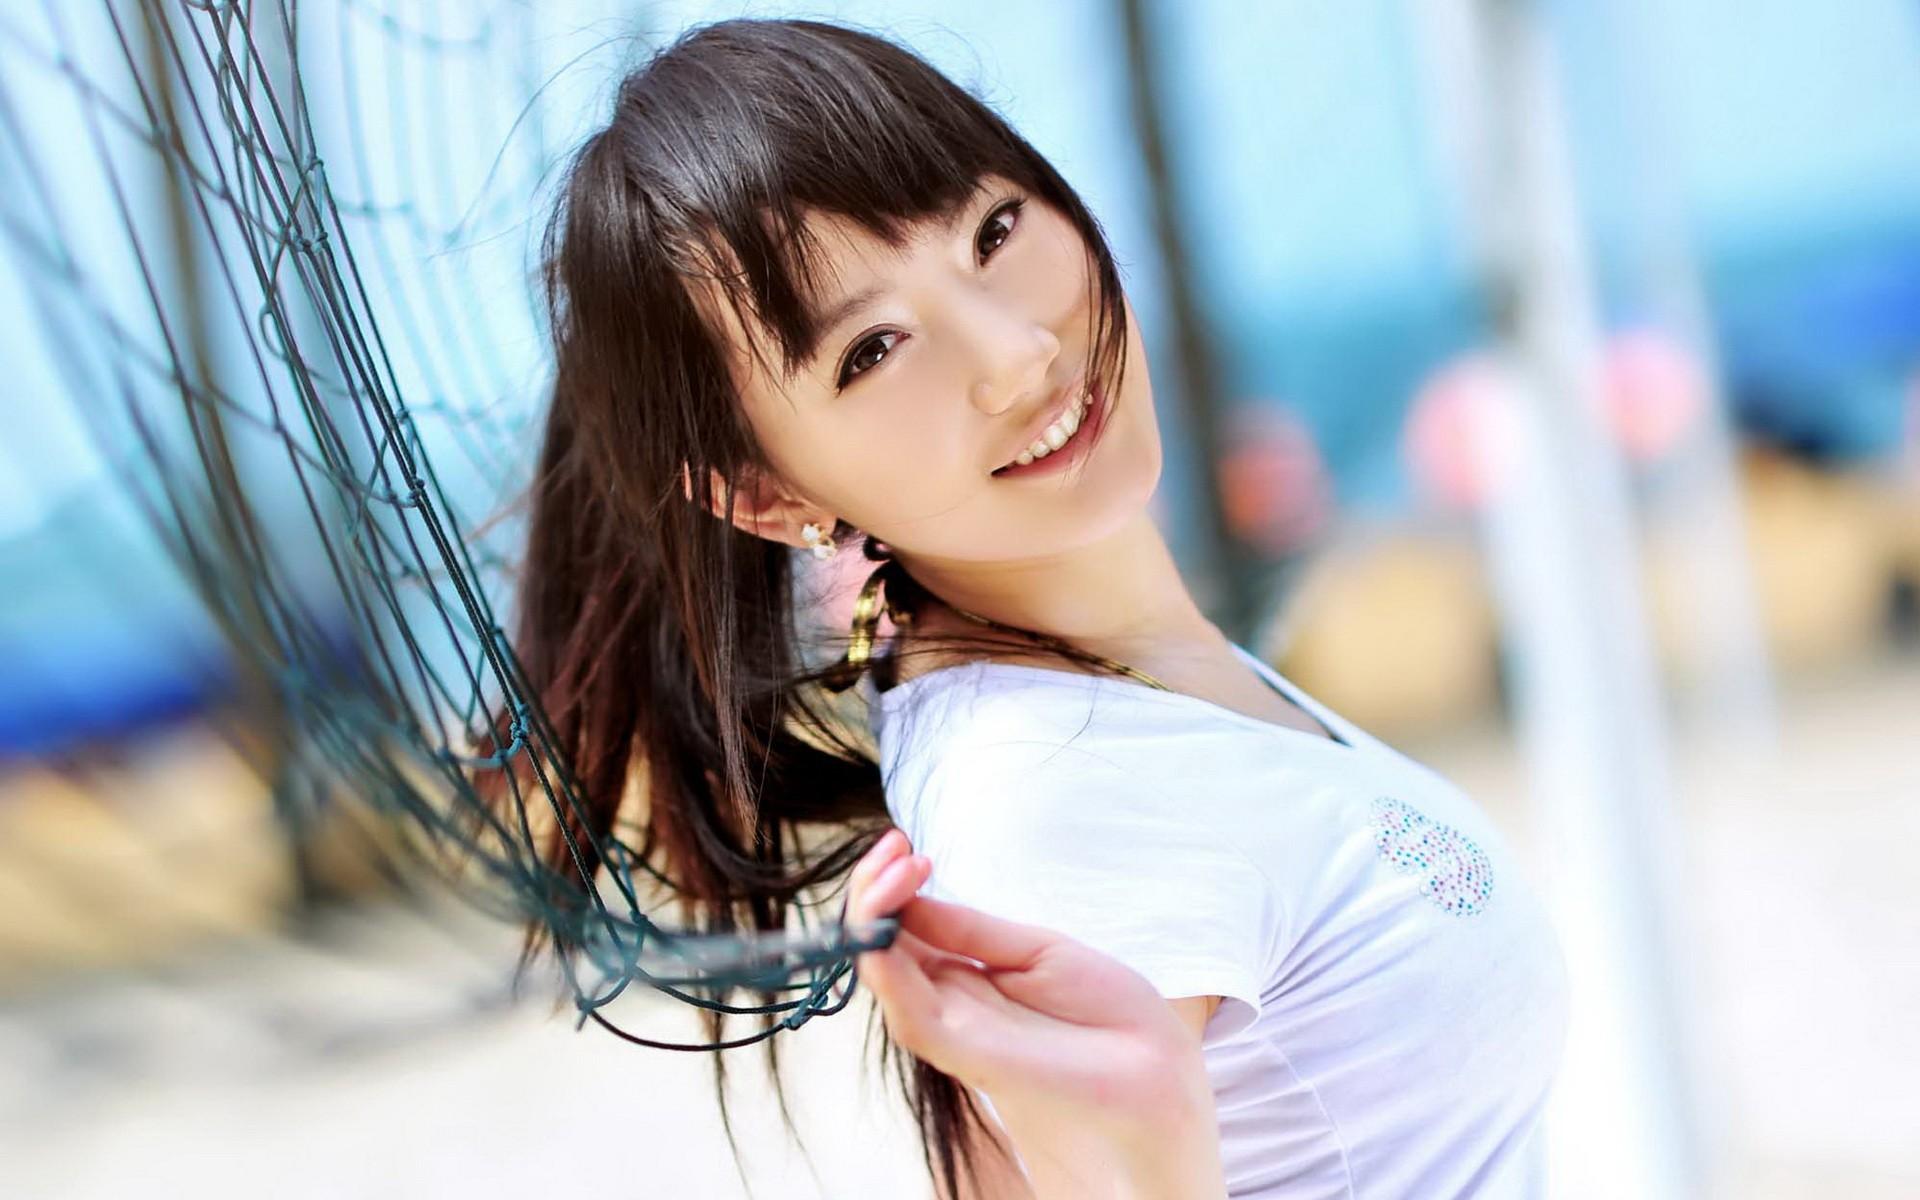 Hermosa asiática - 1920x1200